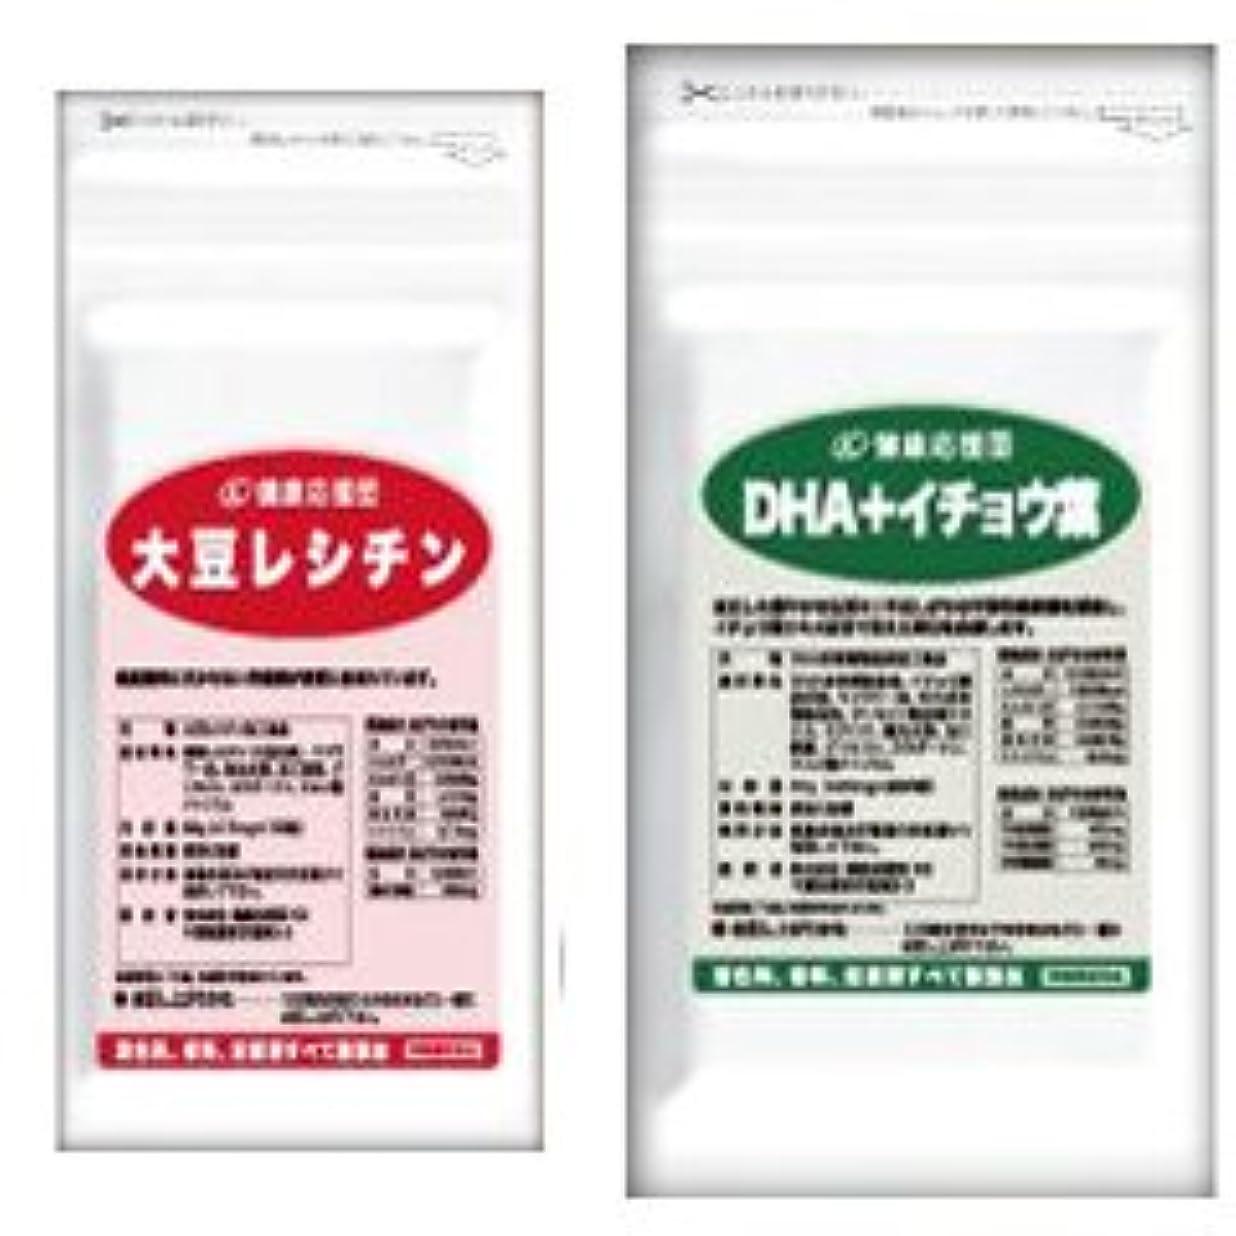 富豪安西霊流れサラサラセット 大豆レシチン+(DHA?EPA+イチョウ葉) お徳用12か月分